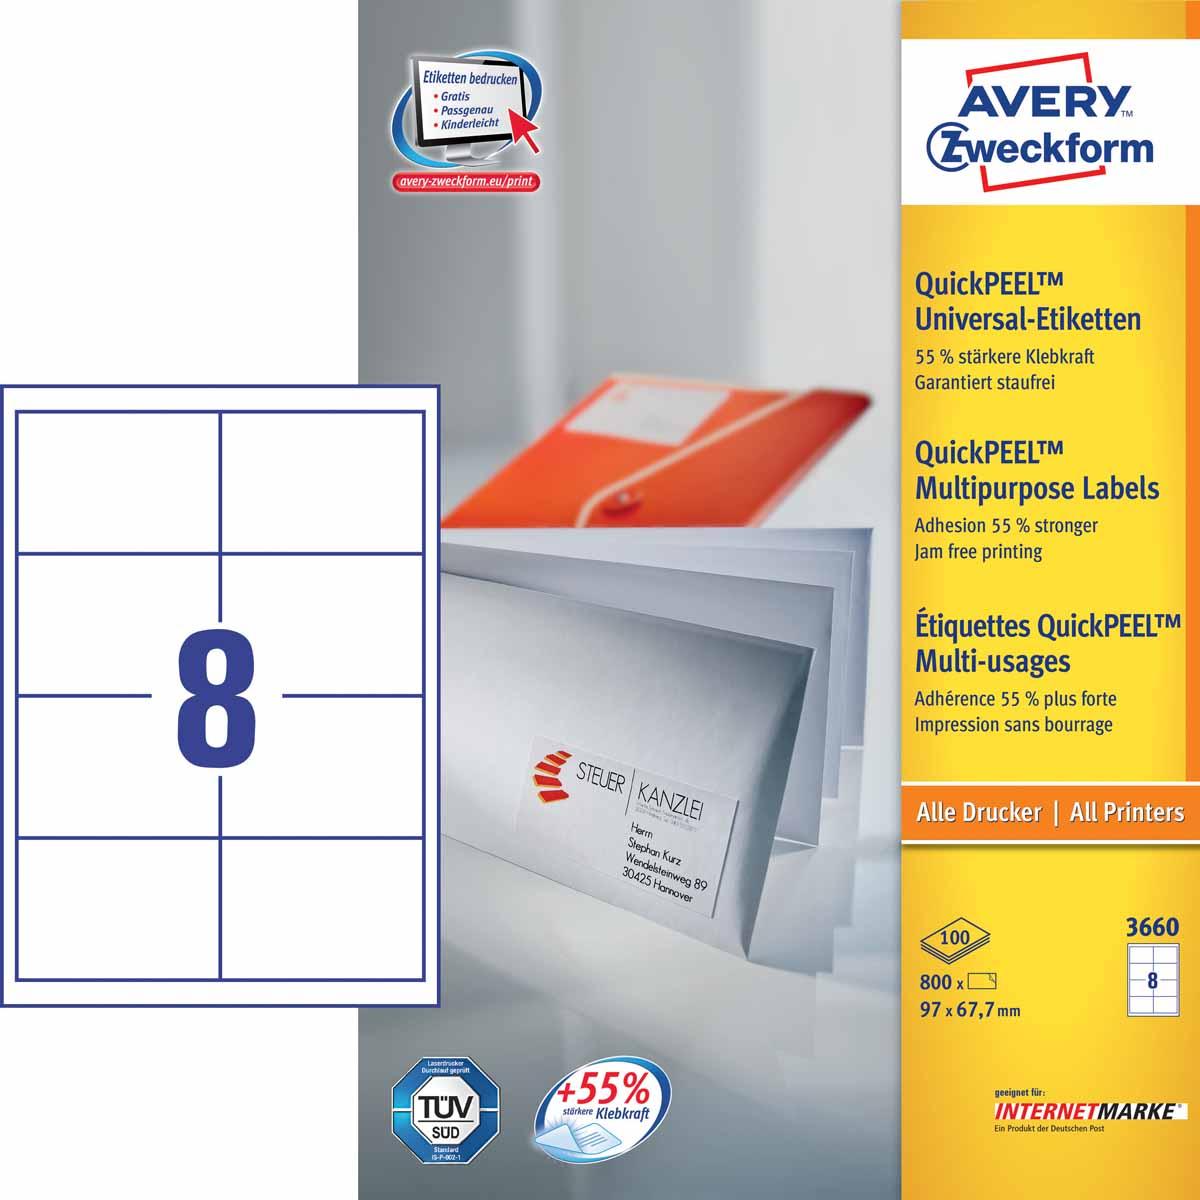 Avery Zweckform Этикетки самоклеящиеся универсальные Quick PEEL 97 х 67,7 мм 800 шт 100 листов